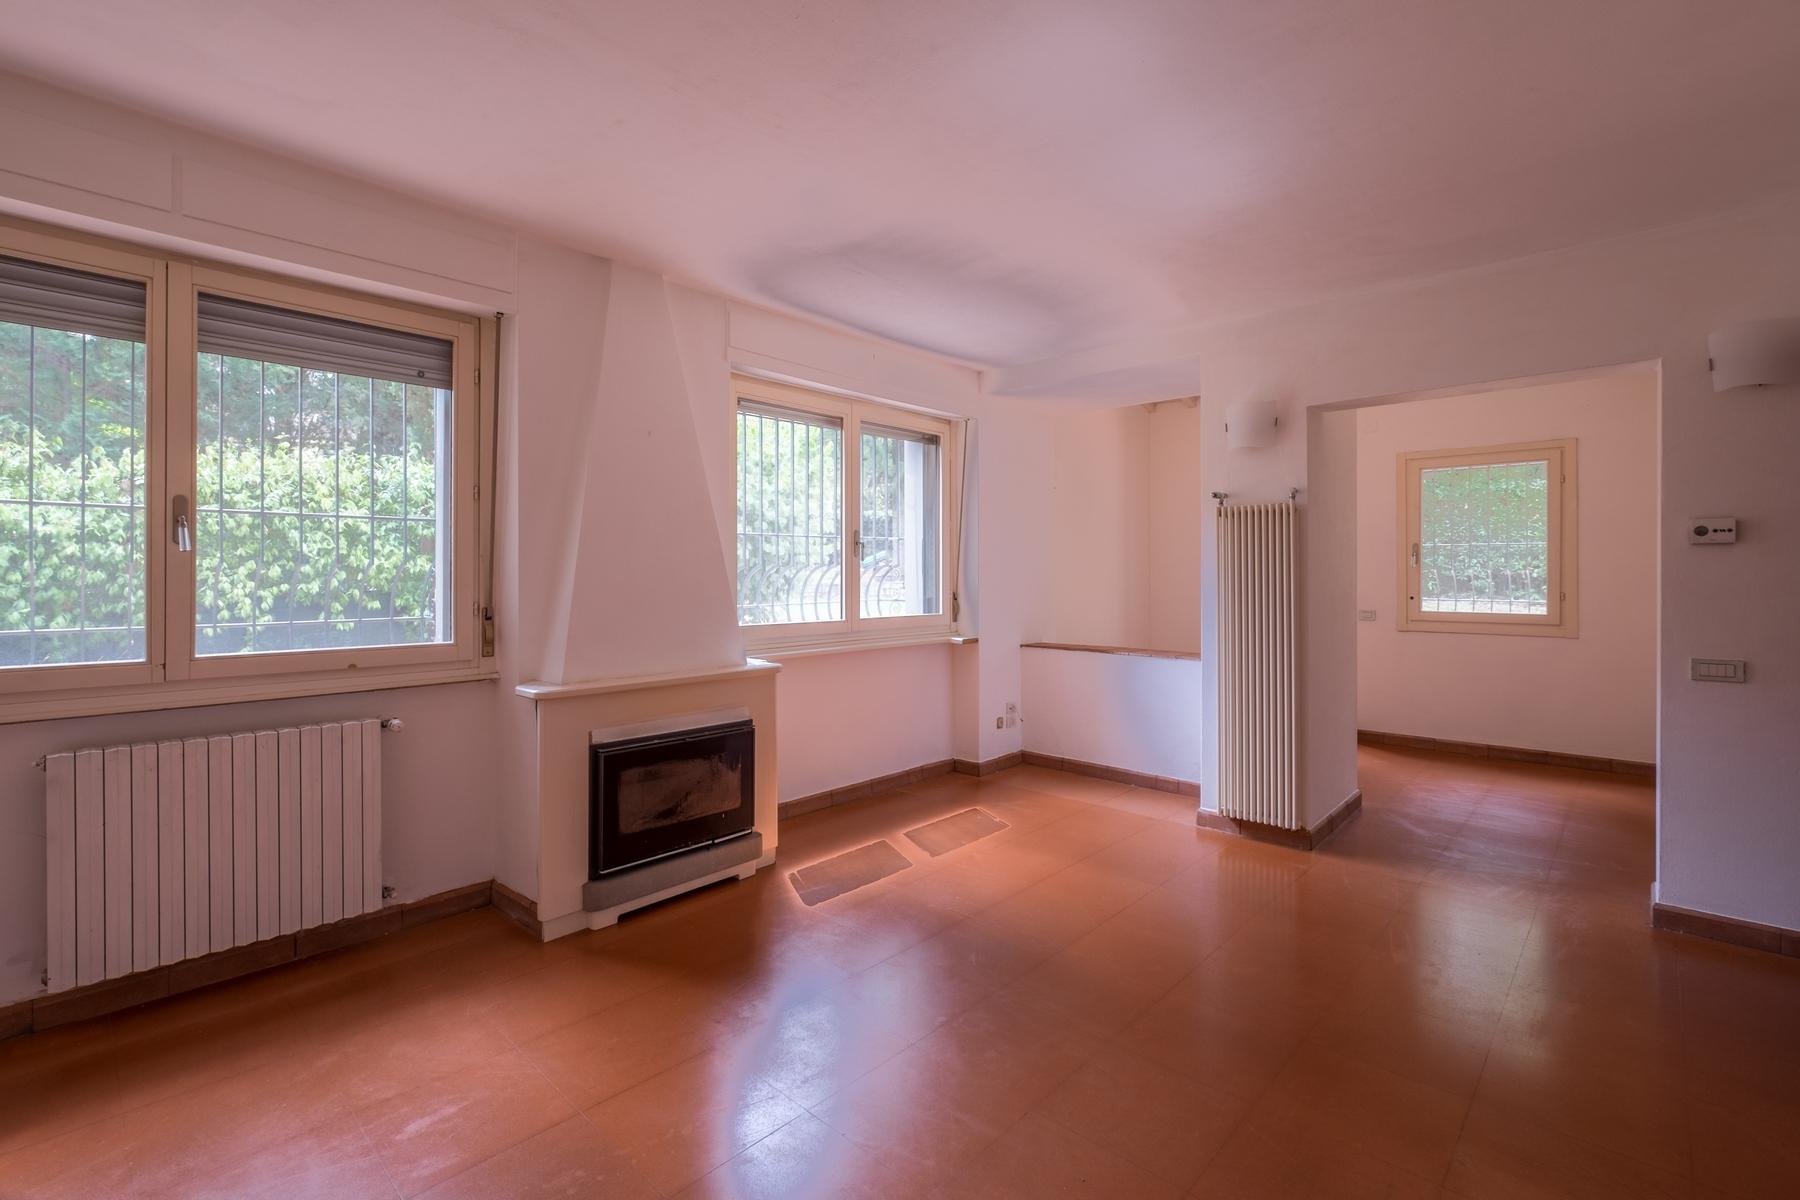 Appartamento in Vendita a Firenze: 5 locali, 82 mq - Foto 7